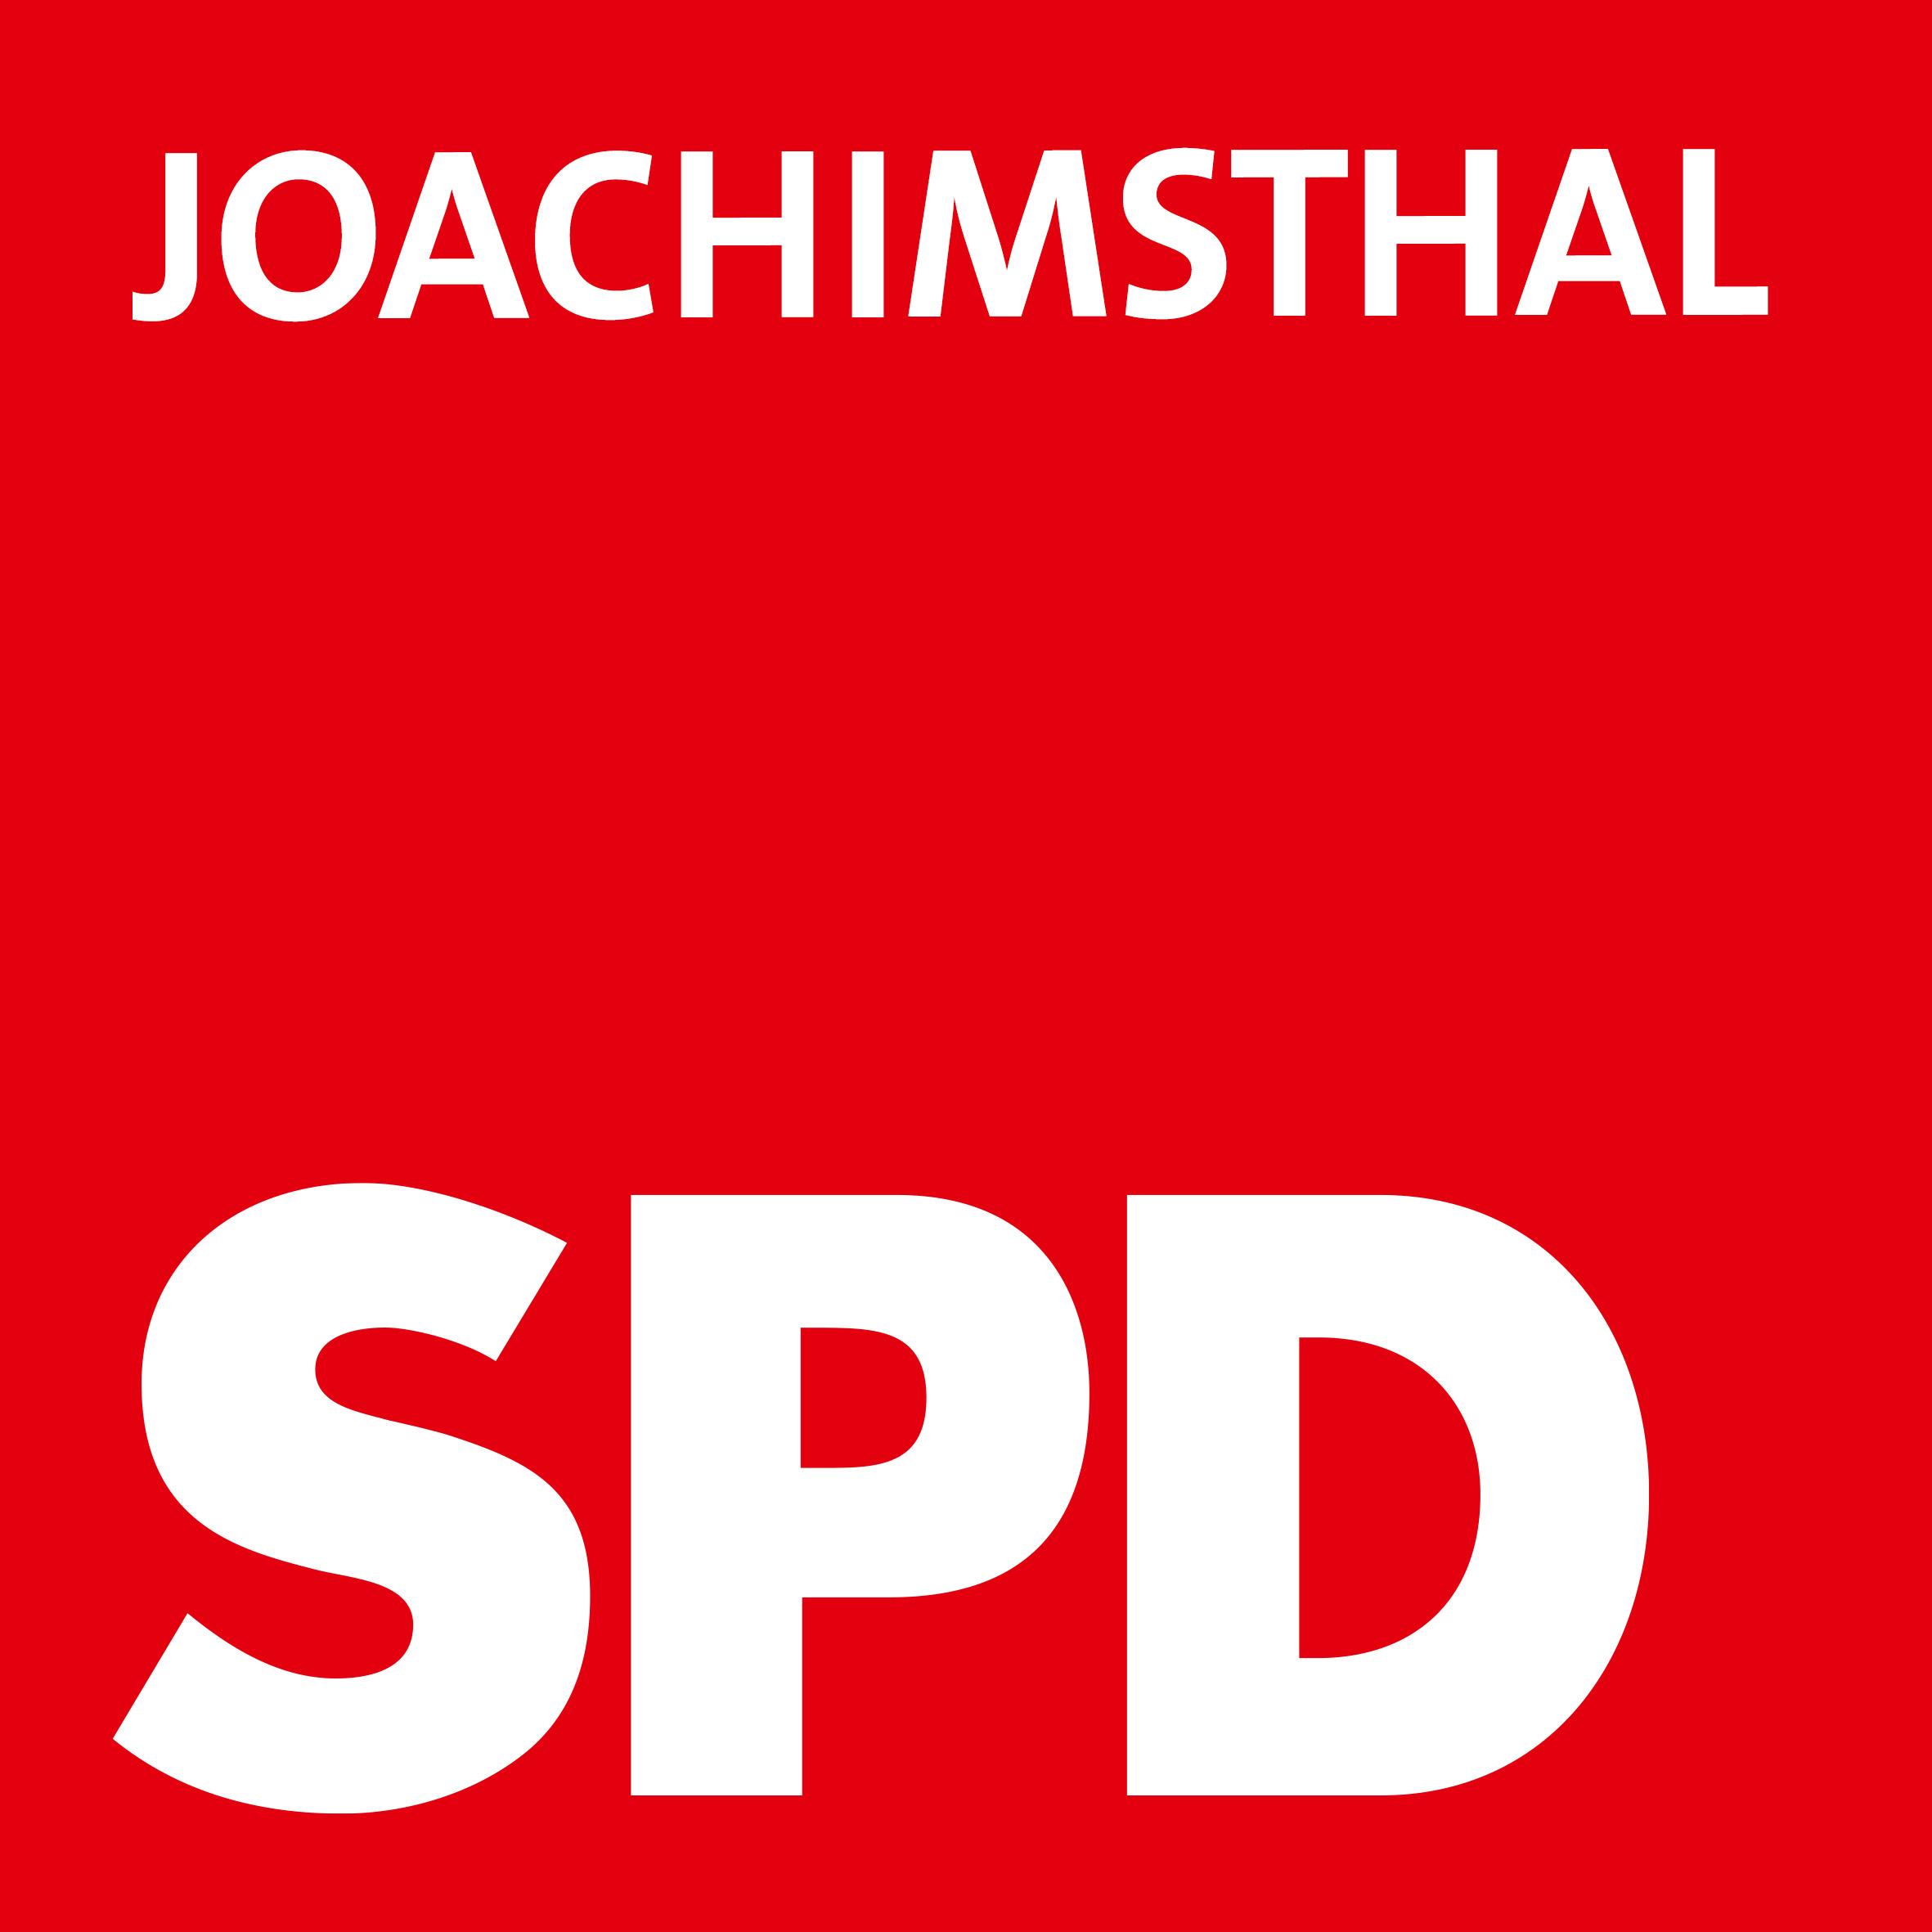 SPD Joachimsthal